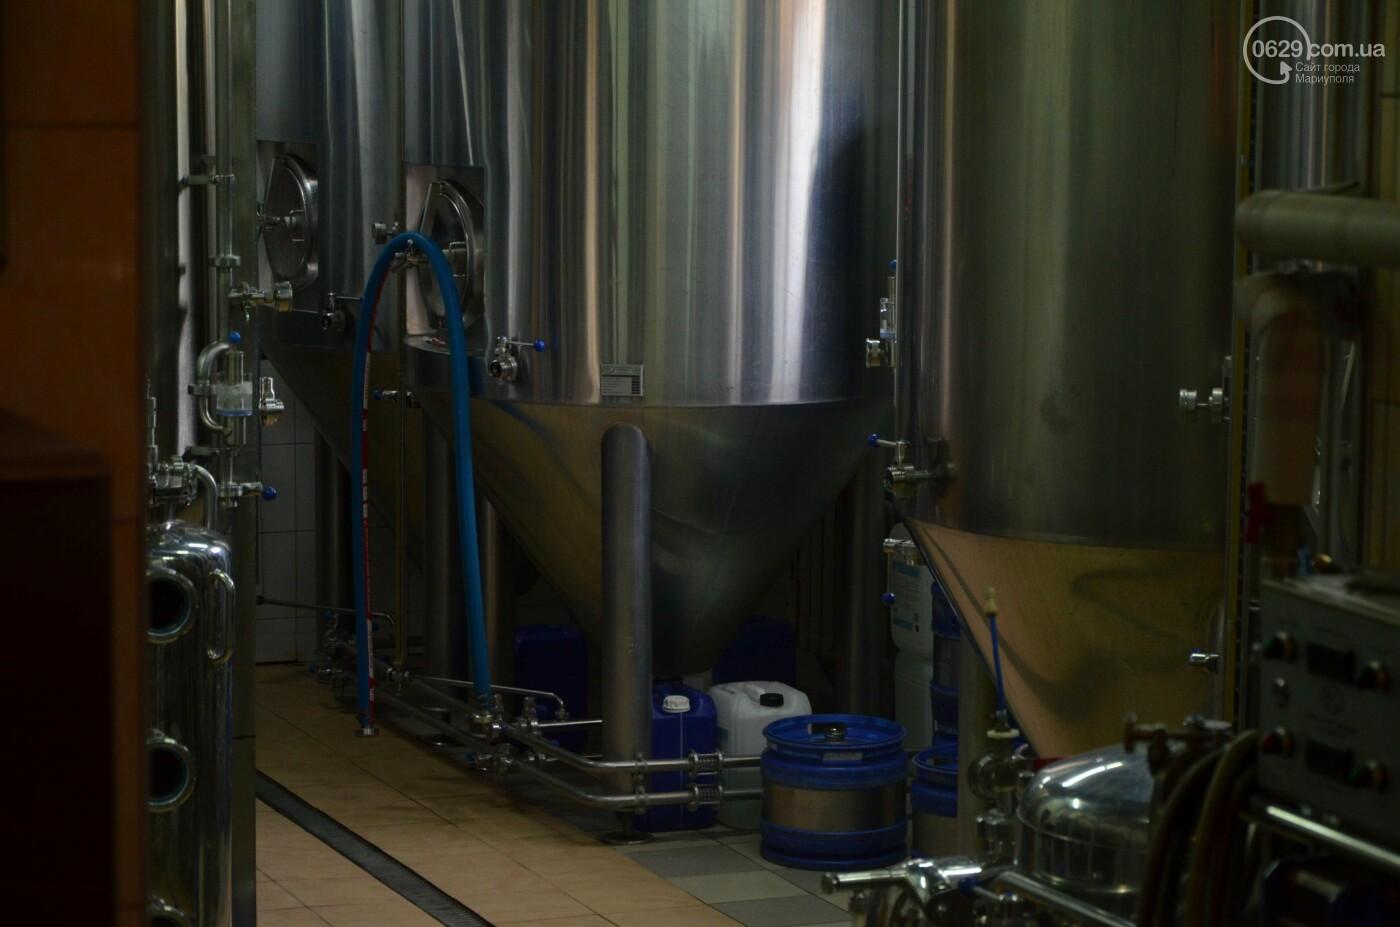 Как в Мариуполе варят пиво и с чем его пьют. История одной ревизии, - ФОТО, фото-11